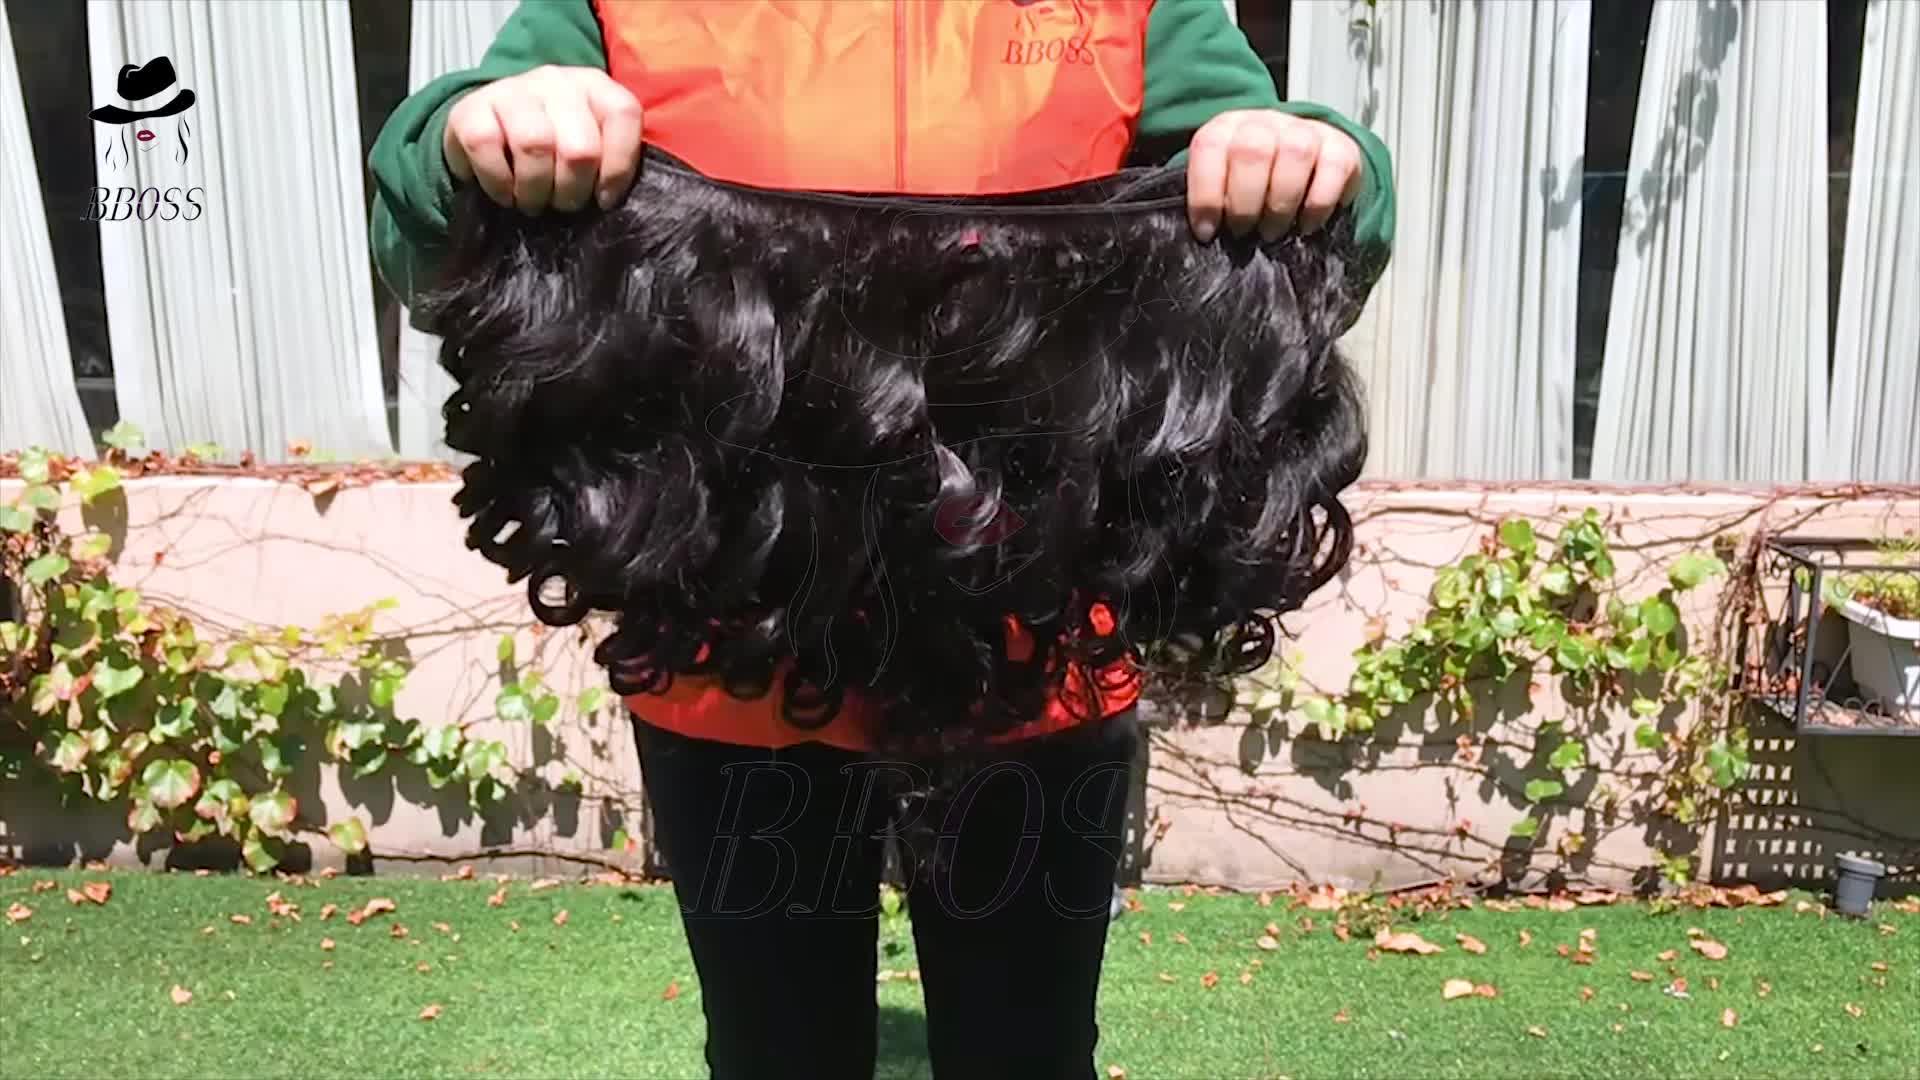 Giá rẻ 10A trinh nữ chưa qua chế biến sóng tóc lỏng lẻo, 100 tóc con người dệt thương hiệu, bán buôn brazil mở rộng tóc trinh nữ durban